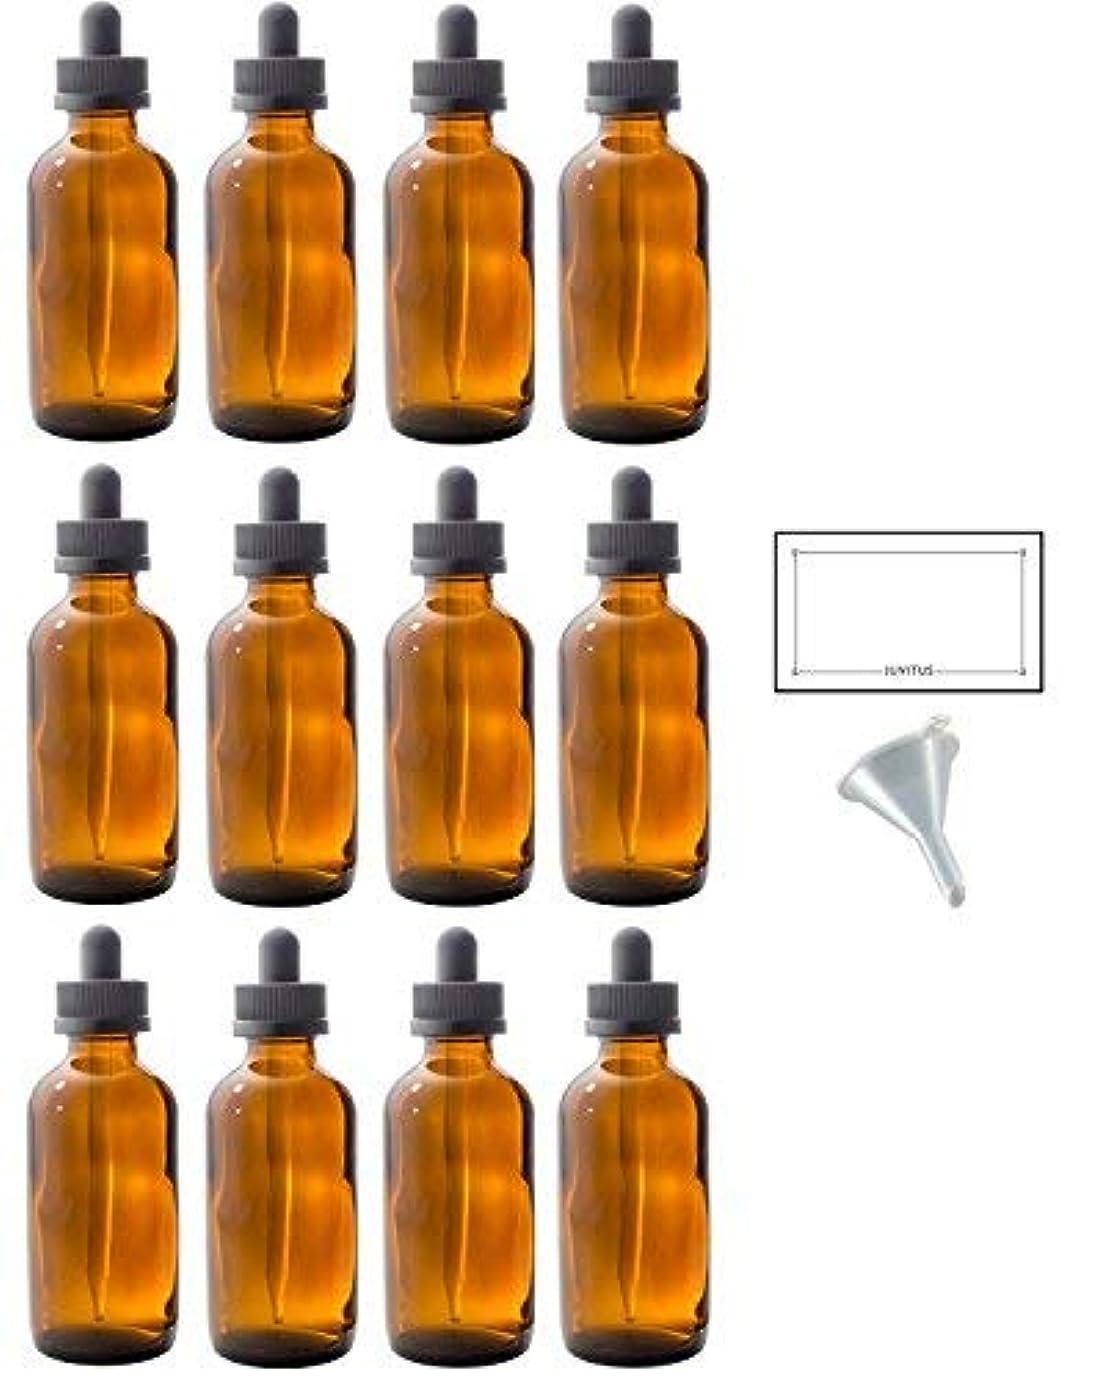 蒸留切り離すパウダー4 oz Amber Glass Boston Round Dropper Bottle (12 pack) + Funnel and Labels for essential oils, aromatherapy, e-liquid...